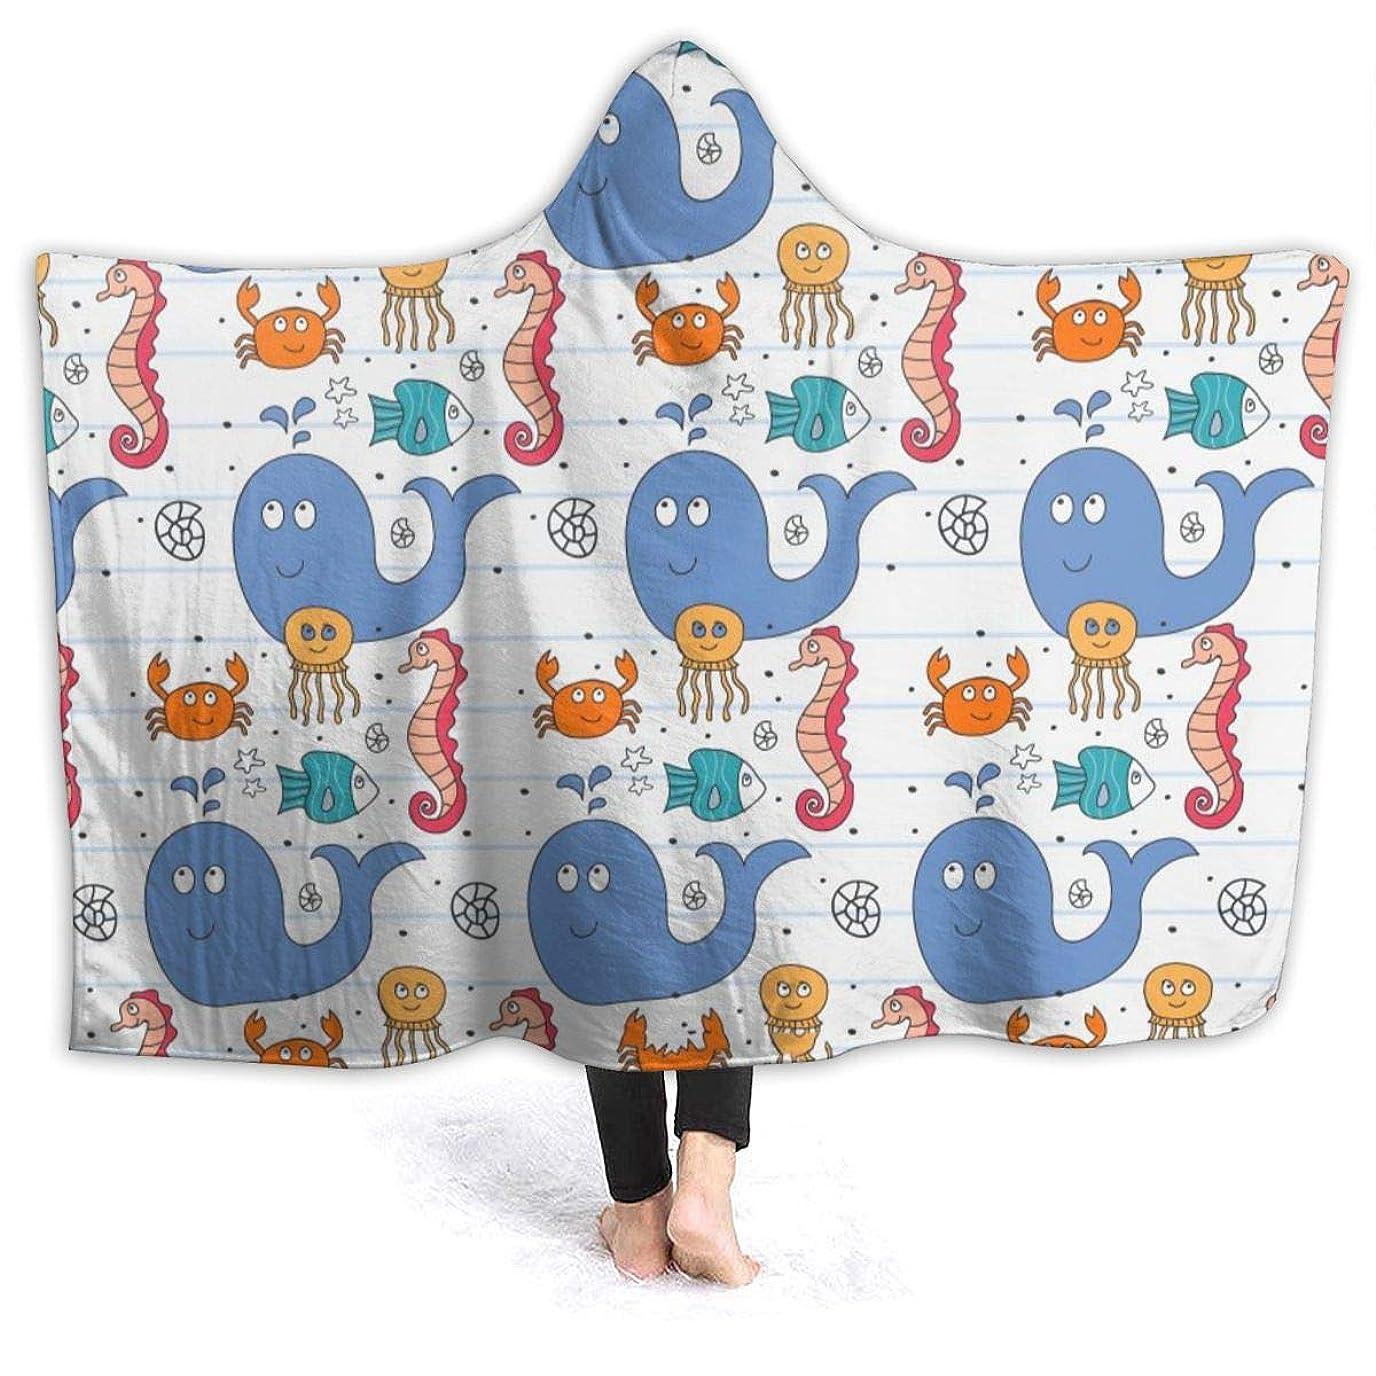 ラッドヤードキップリングうねる理想的Bydeclan 毛布 着る毛布 ブランケット ルームウェア 可愛い 動物柄 大判 ひざ掛け 肩掛け 着るブランケット フード付き マイクロファイバー あったか 柔らかい 防寒 軽量 丸洗い